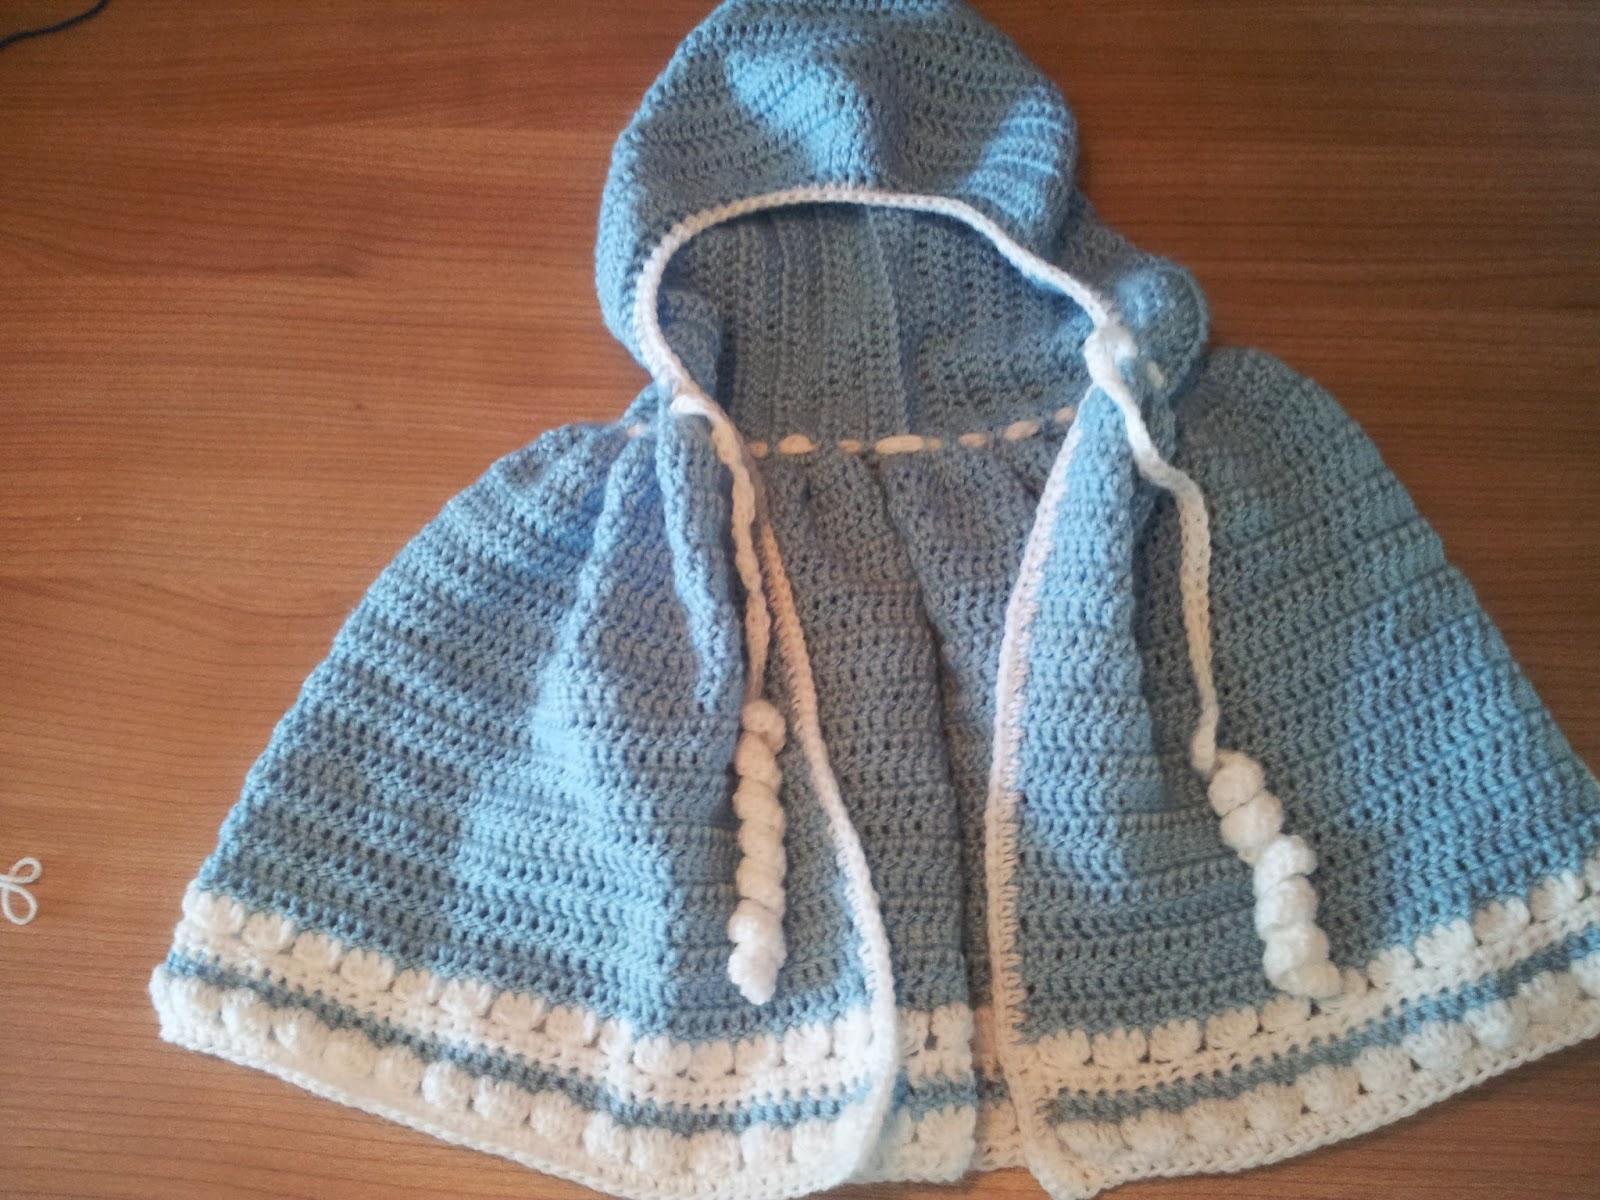 Free Crochet Pattern - Baby Cloak